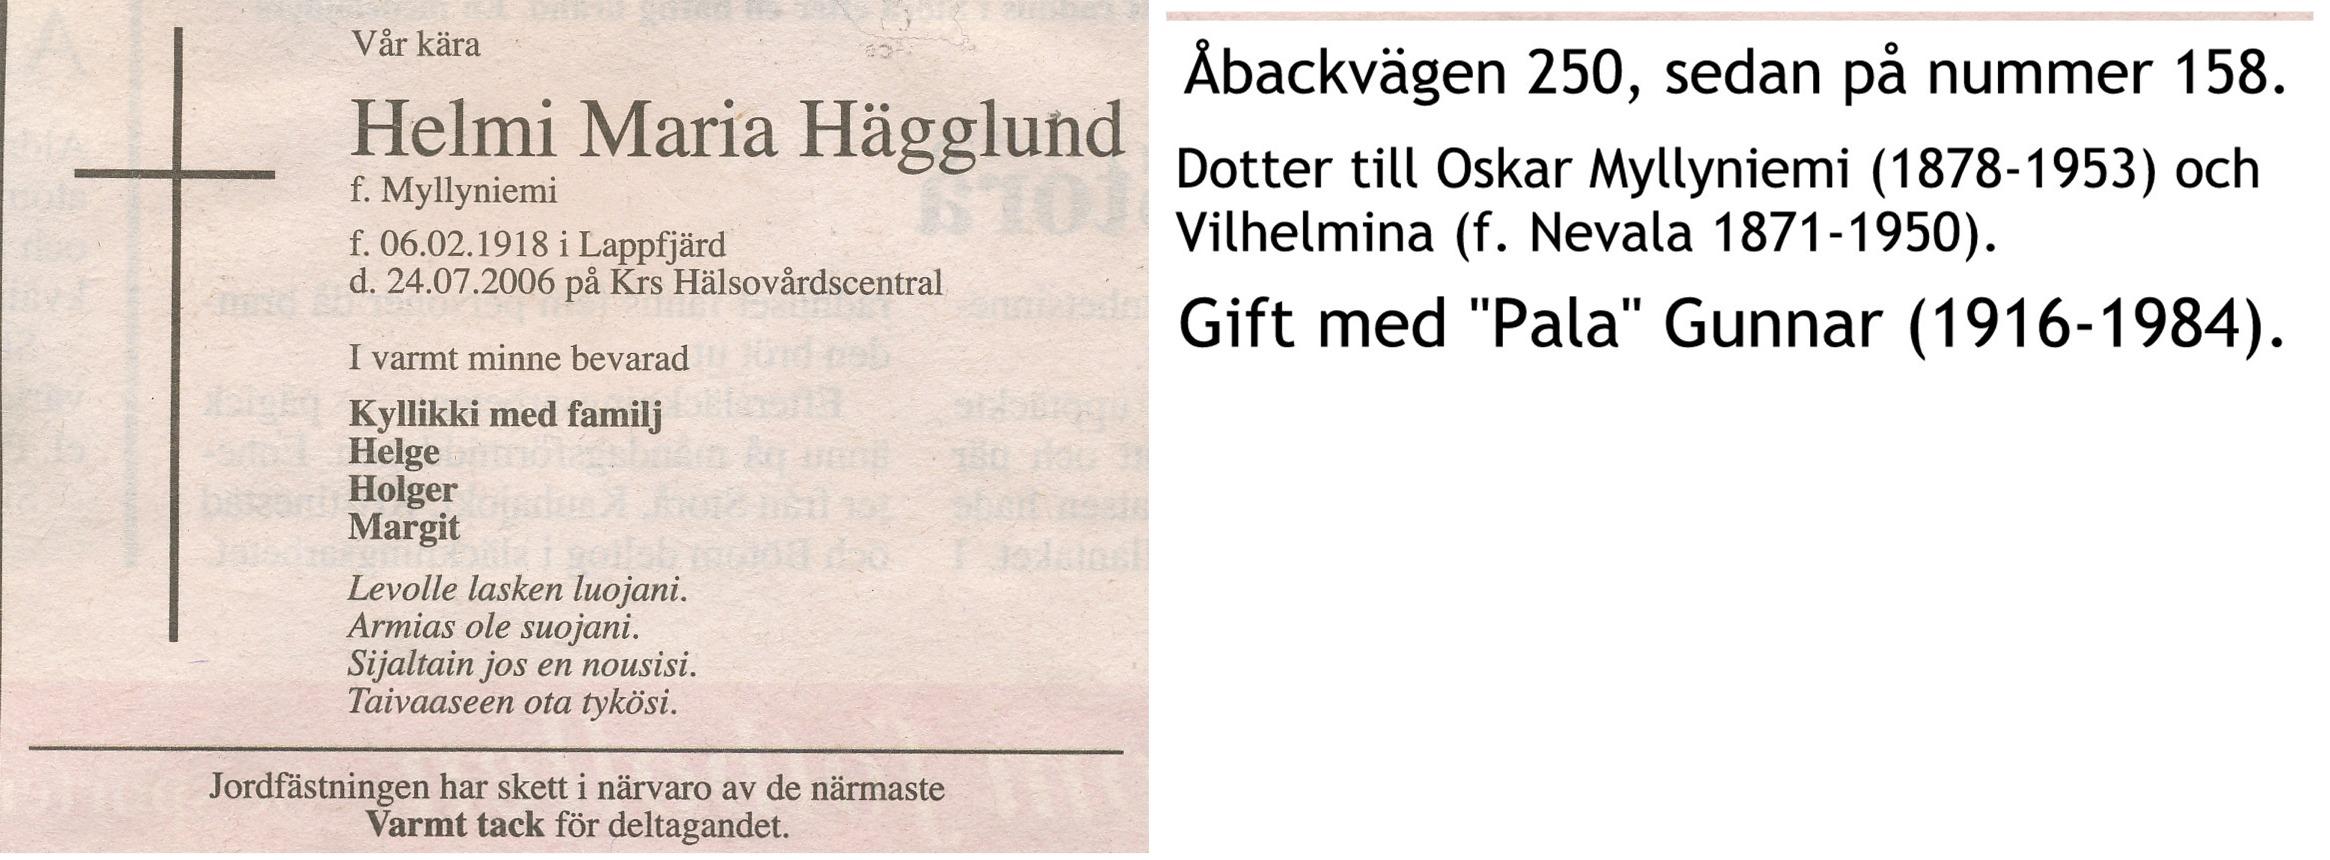 Hägglund Helmi